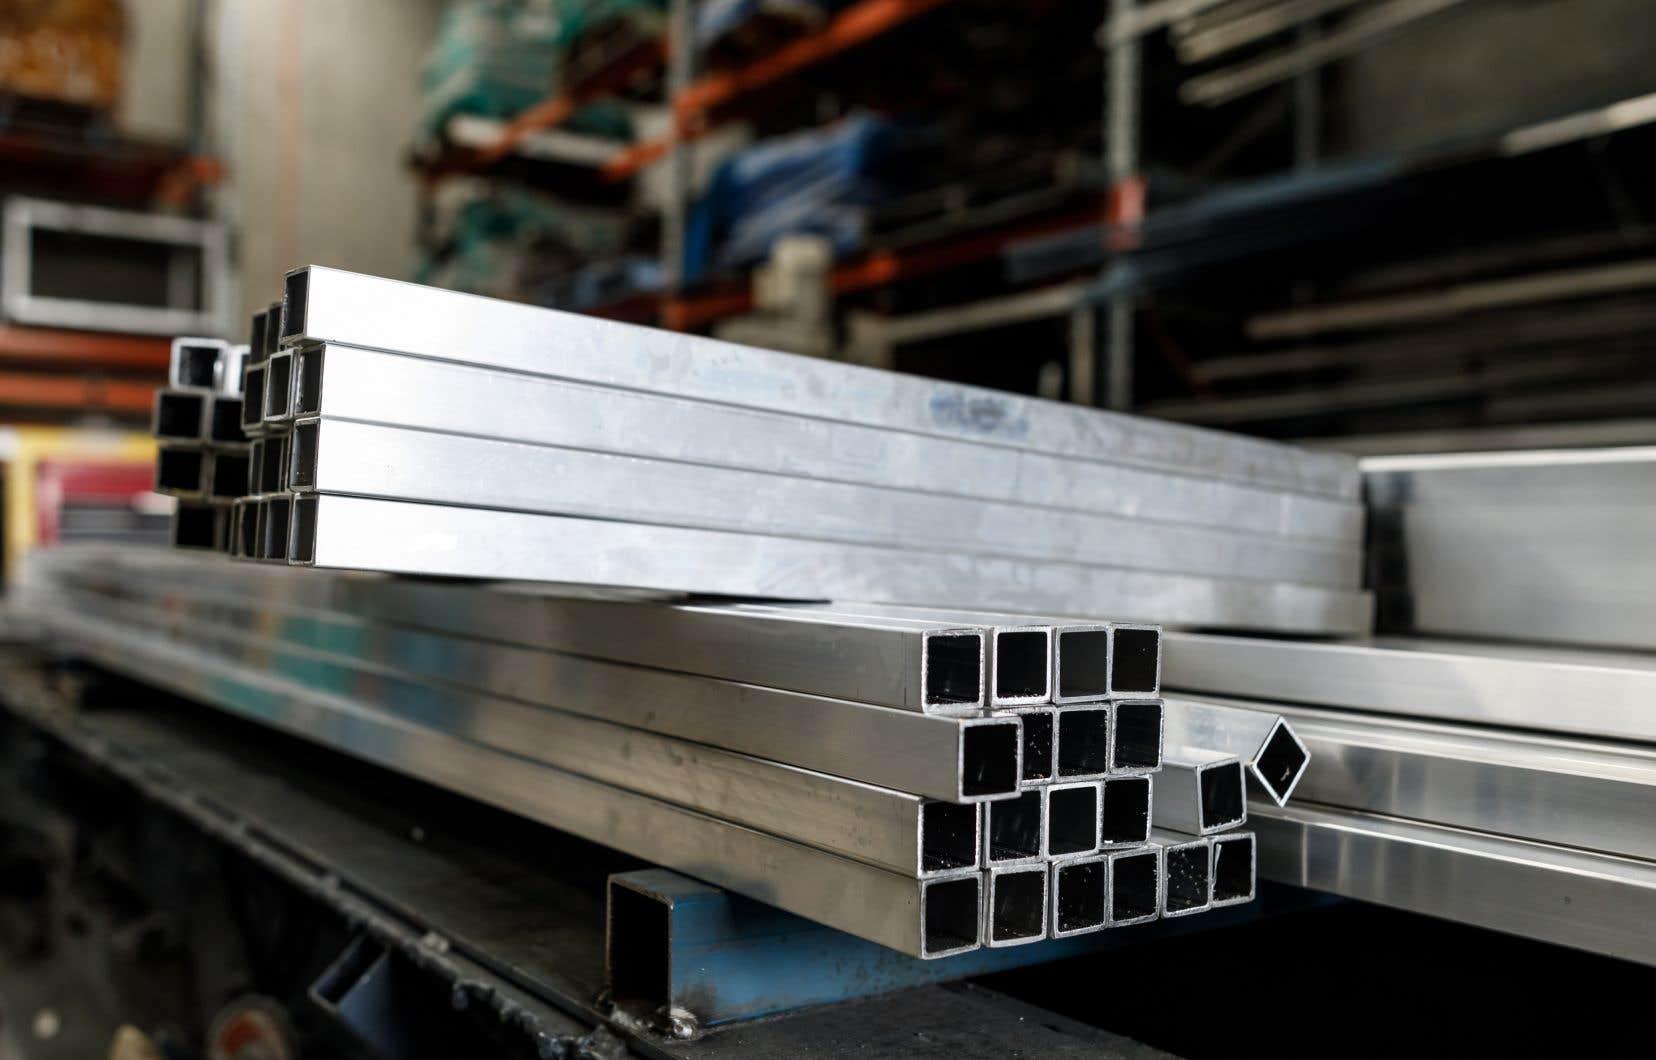 Les producteurs de ciment, de fer et d'acier, de chaux et d'engrais azotés verront leurs seuils d'émissions de carbone réajustés.